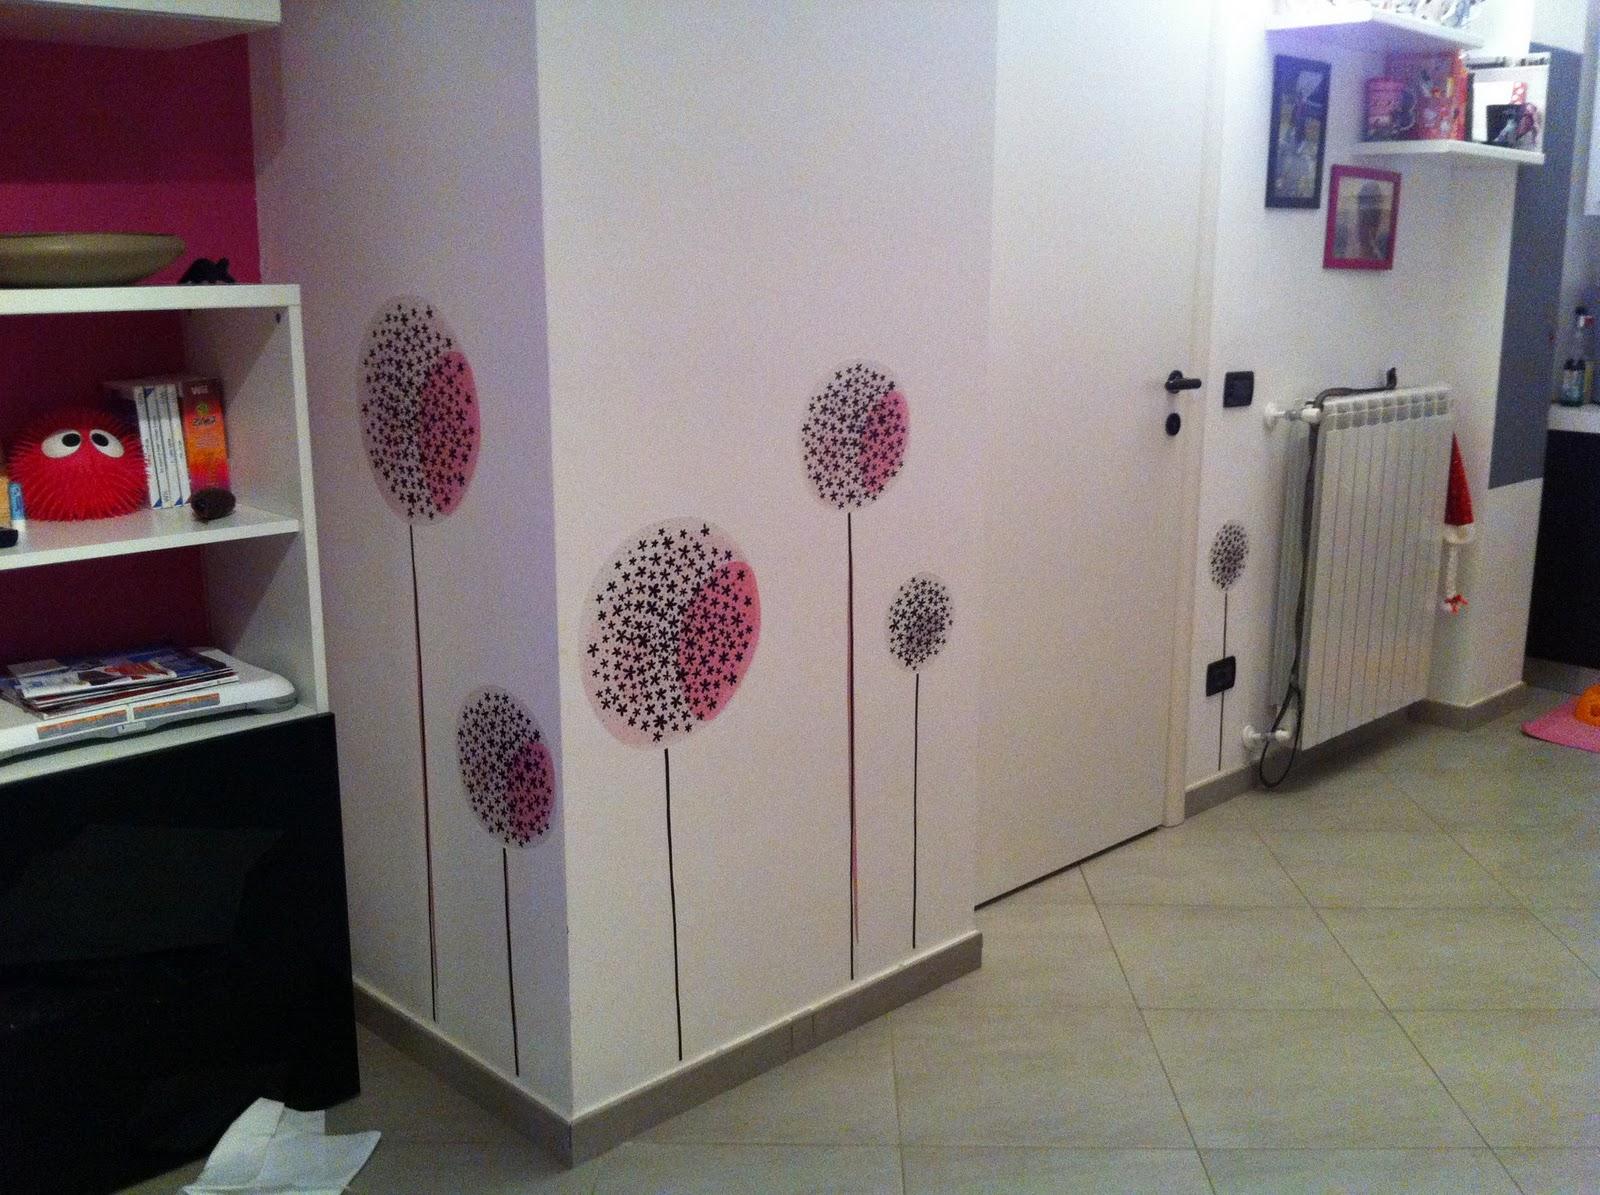 stencil in cucina : ... Occasioni Su Ebay Nella Categoria Stencil Stencil Cucina. 20se.co